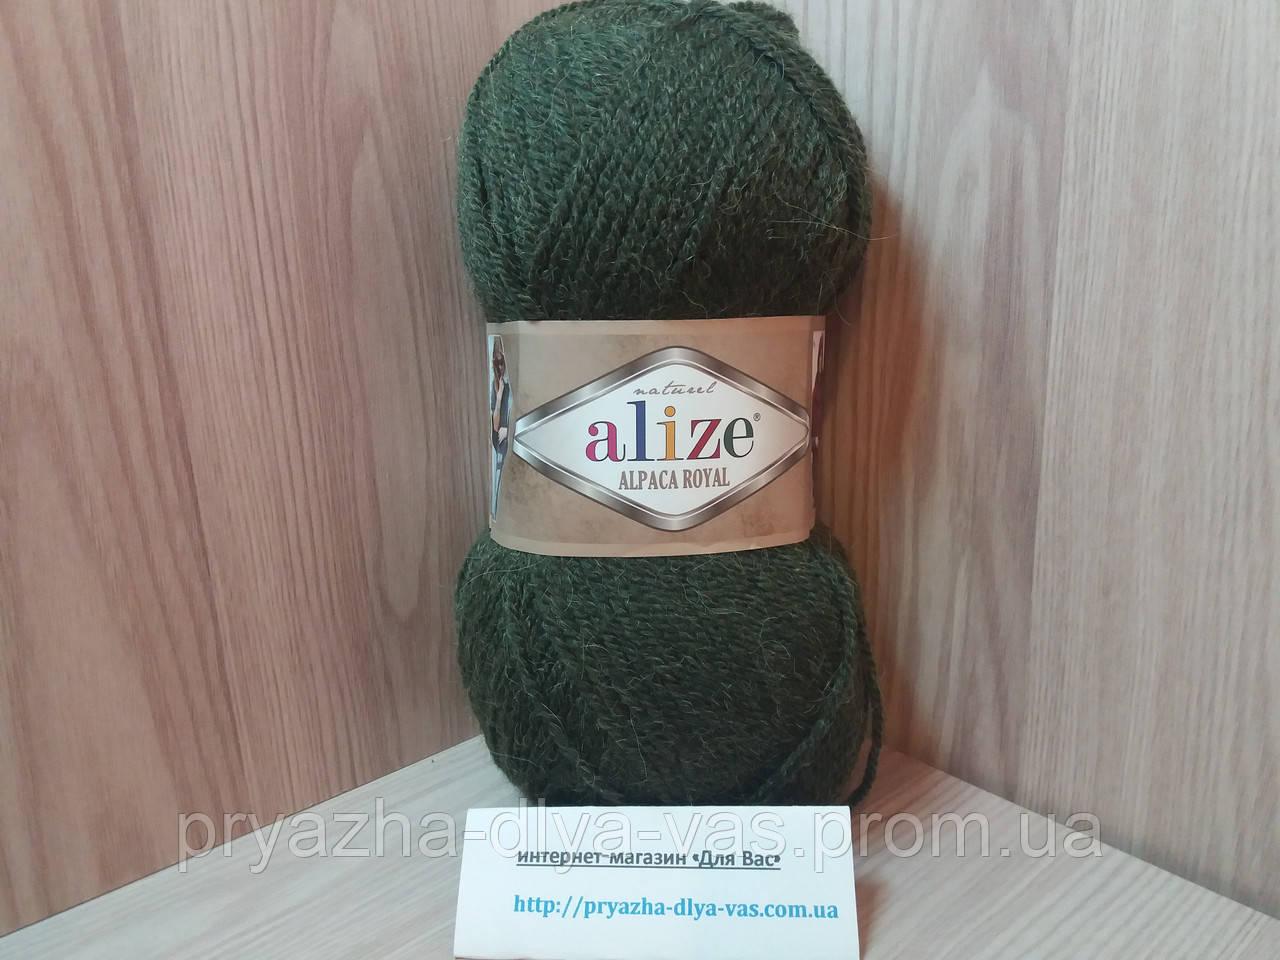 Зимняя пряжа (15%-шерсть, 30%-альпака, 55%-акрил,100 г/250 м) Alize Alpaca Royal 567 (зелёный меланж))